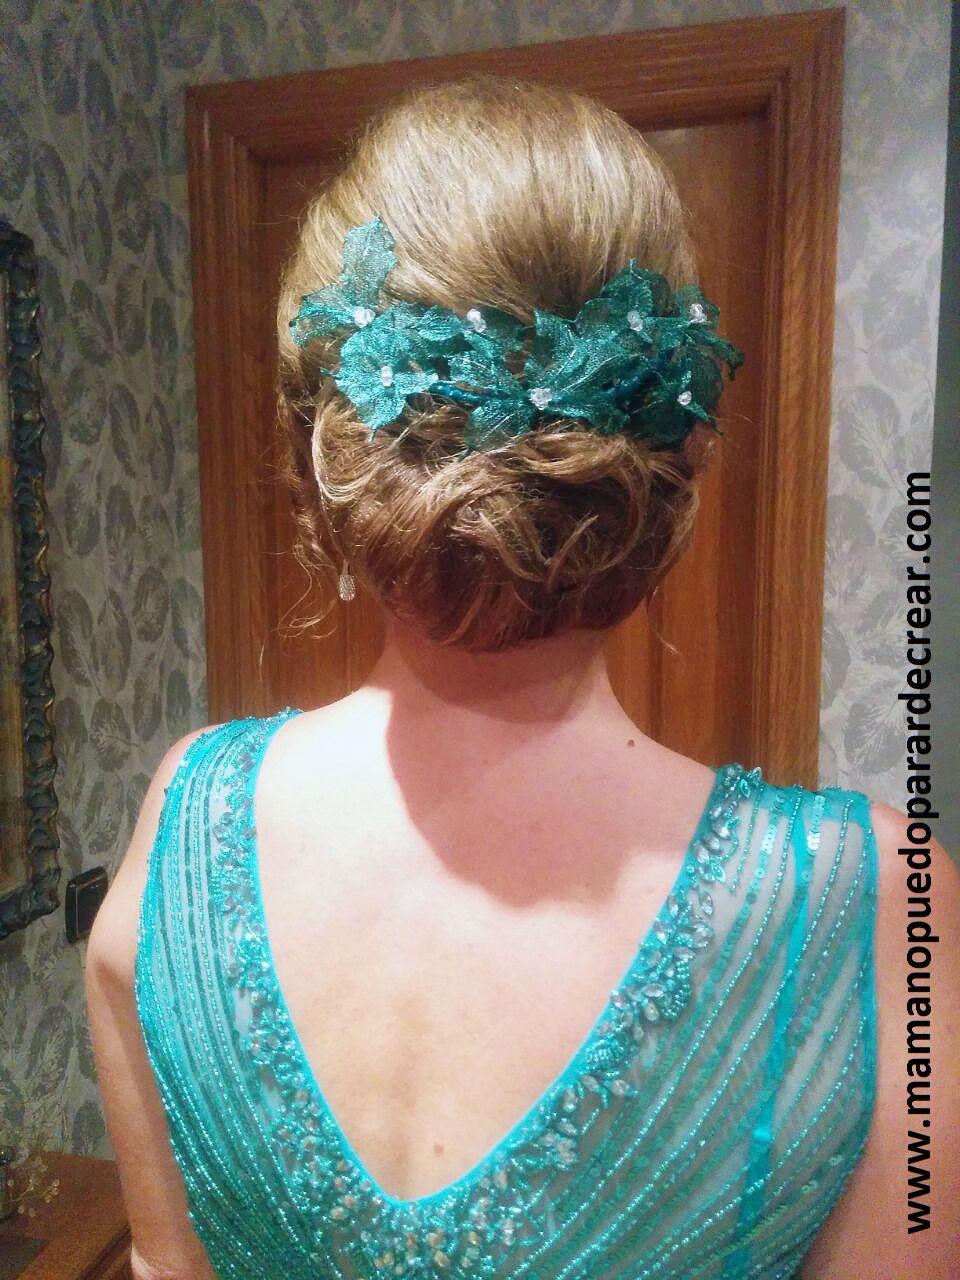 Varios peinados peinados para la madre de la novia Colección De Tutoriales De Color De Pelo - Tocados originales, exclusivos, diferentes.   Tocados boda ...